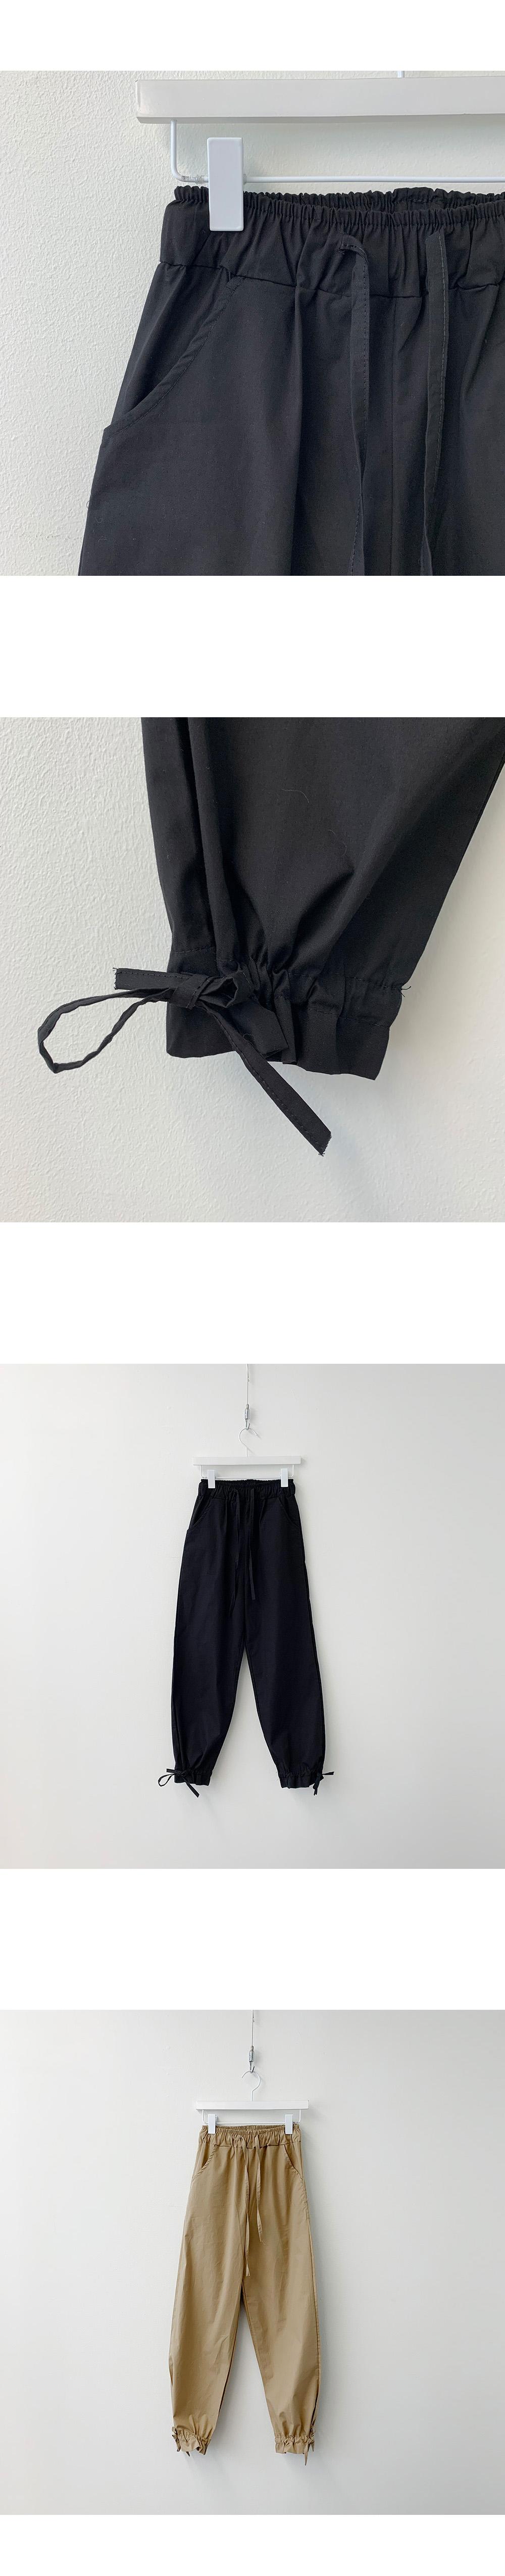 Jogger string ribbon ruffle banding pants